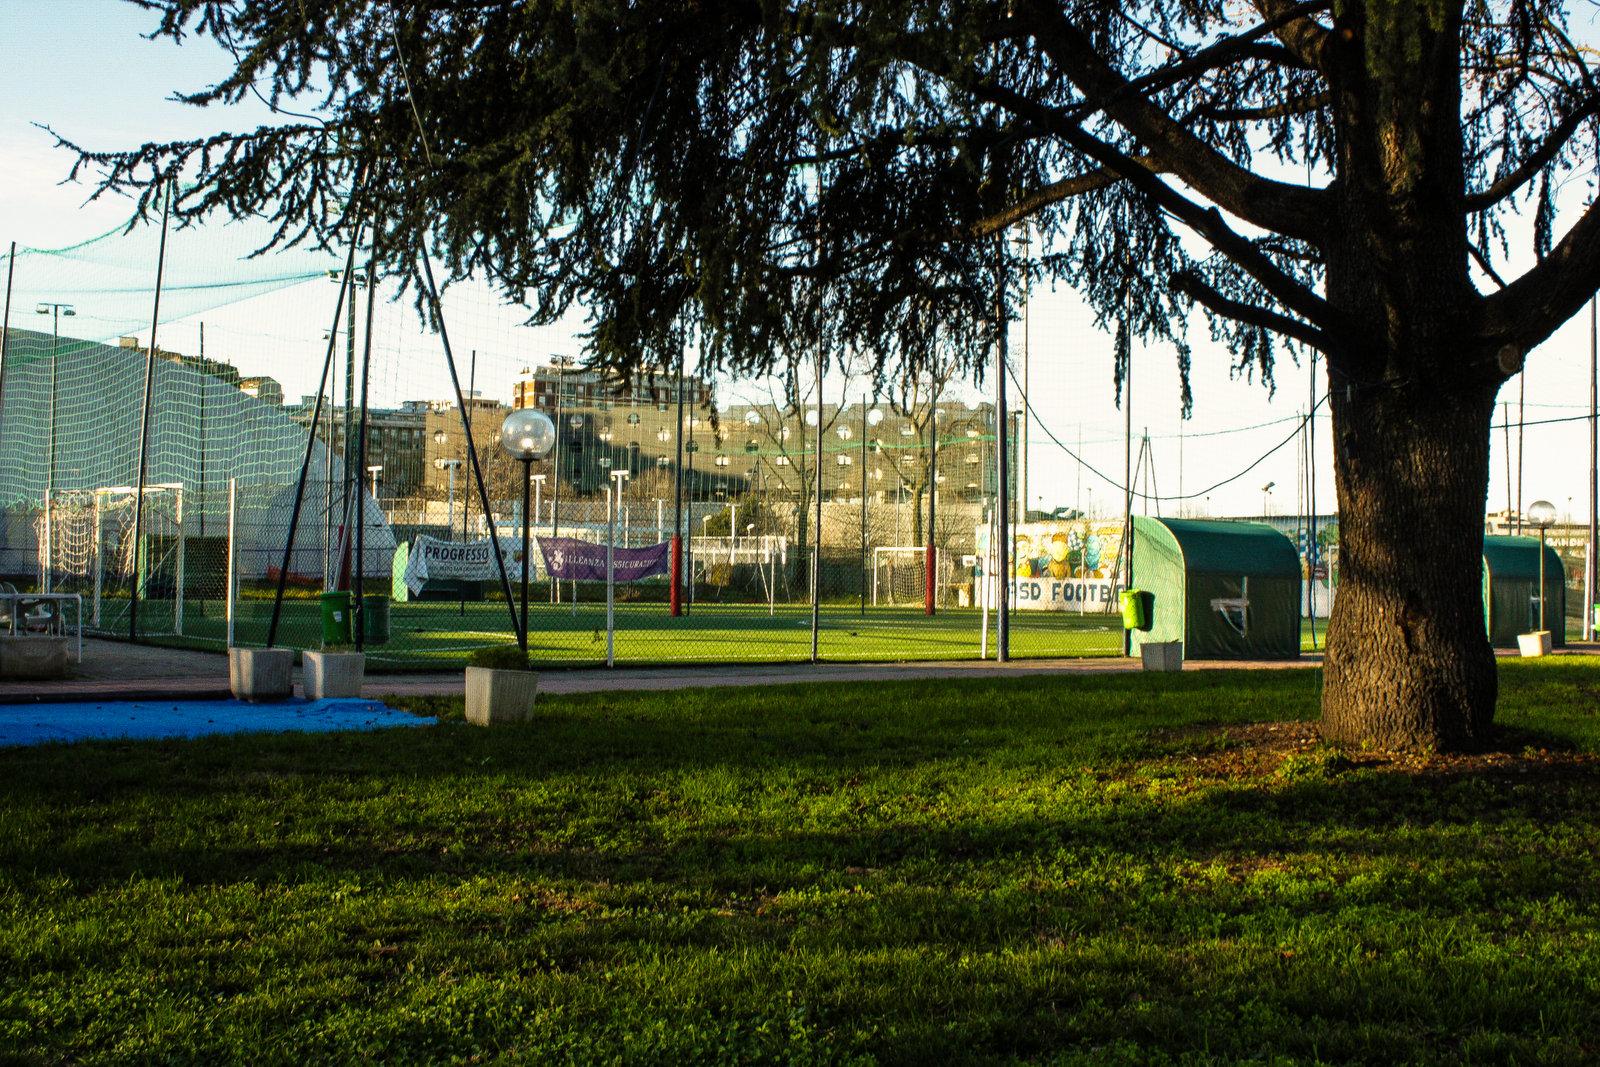 Centro sportivo Boccaccio